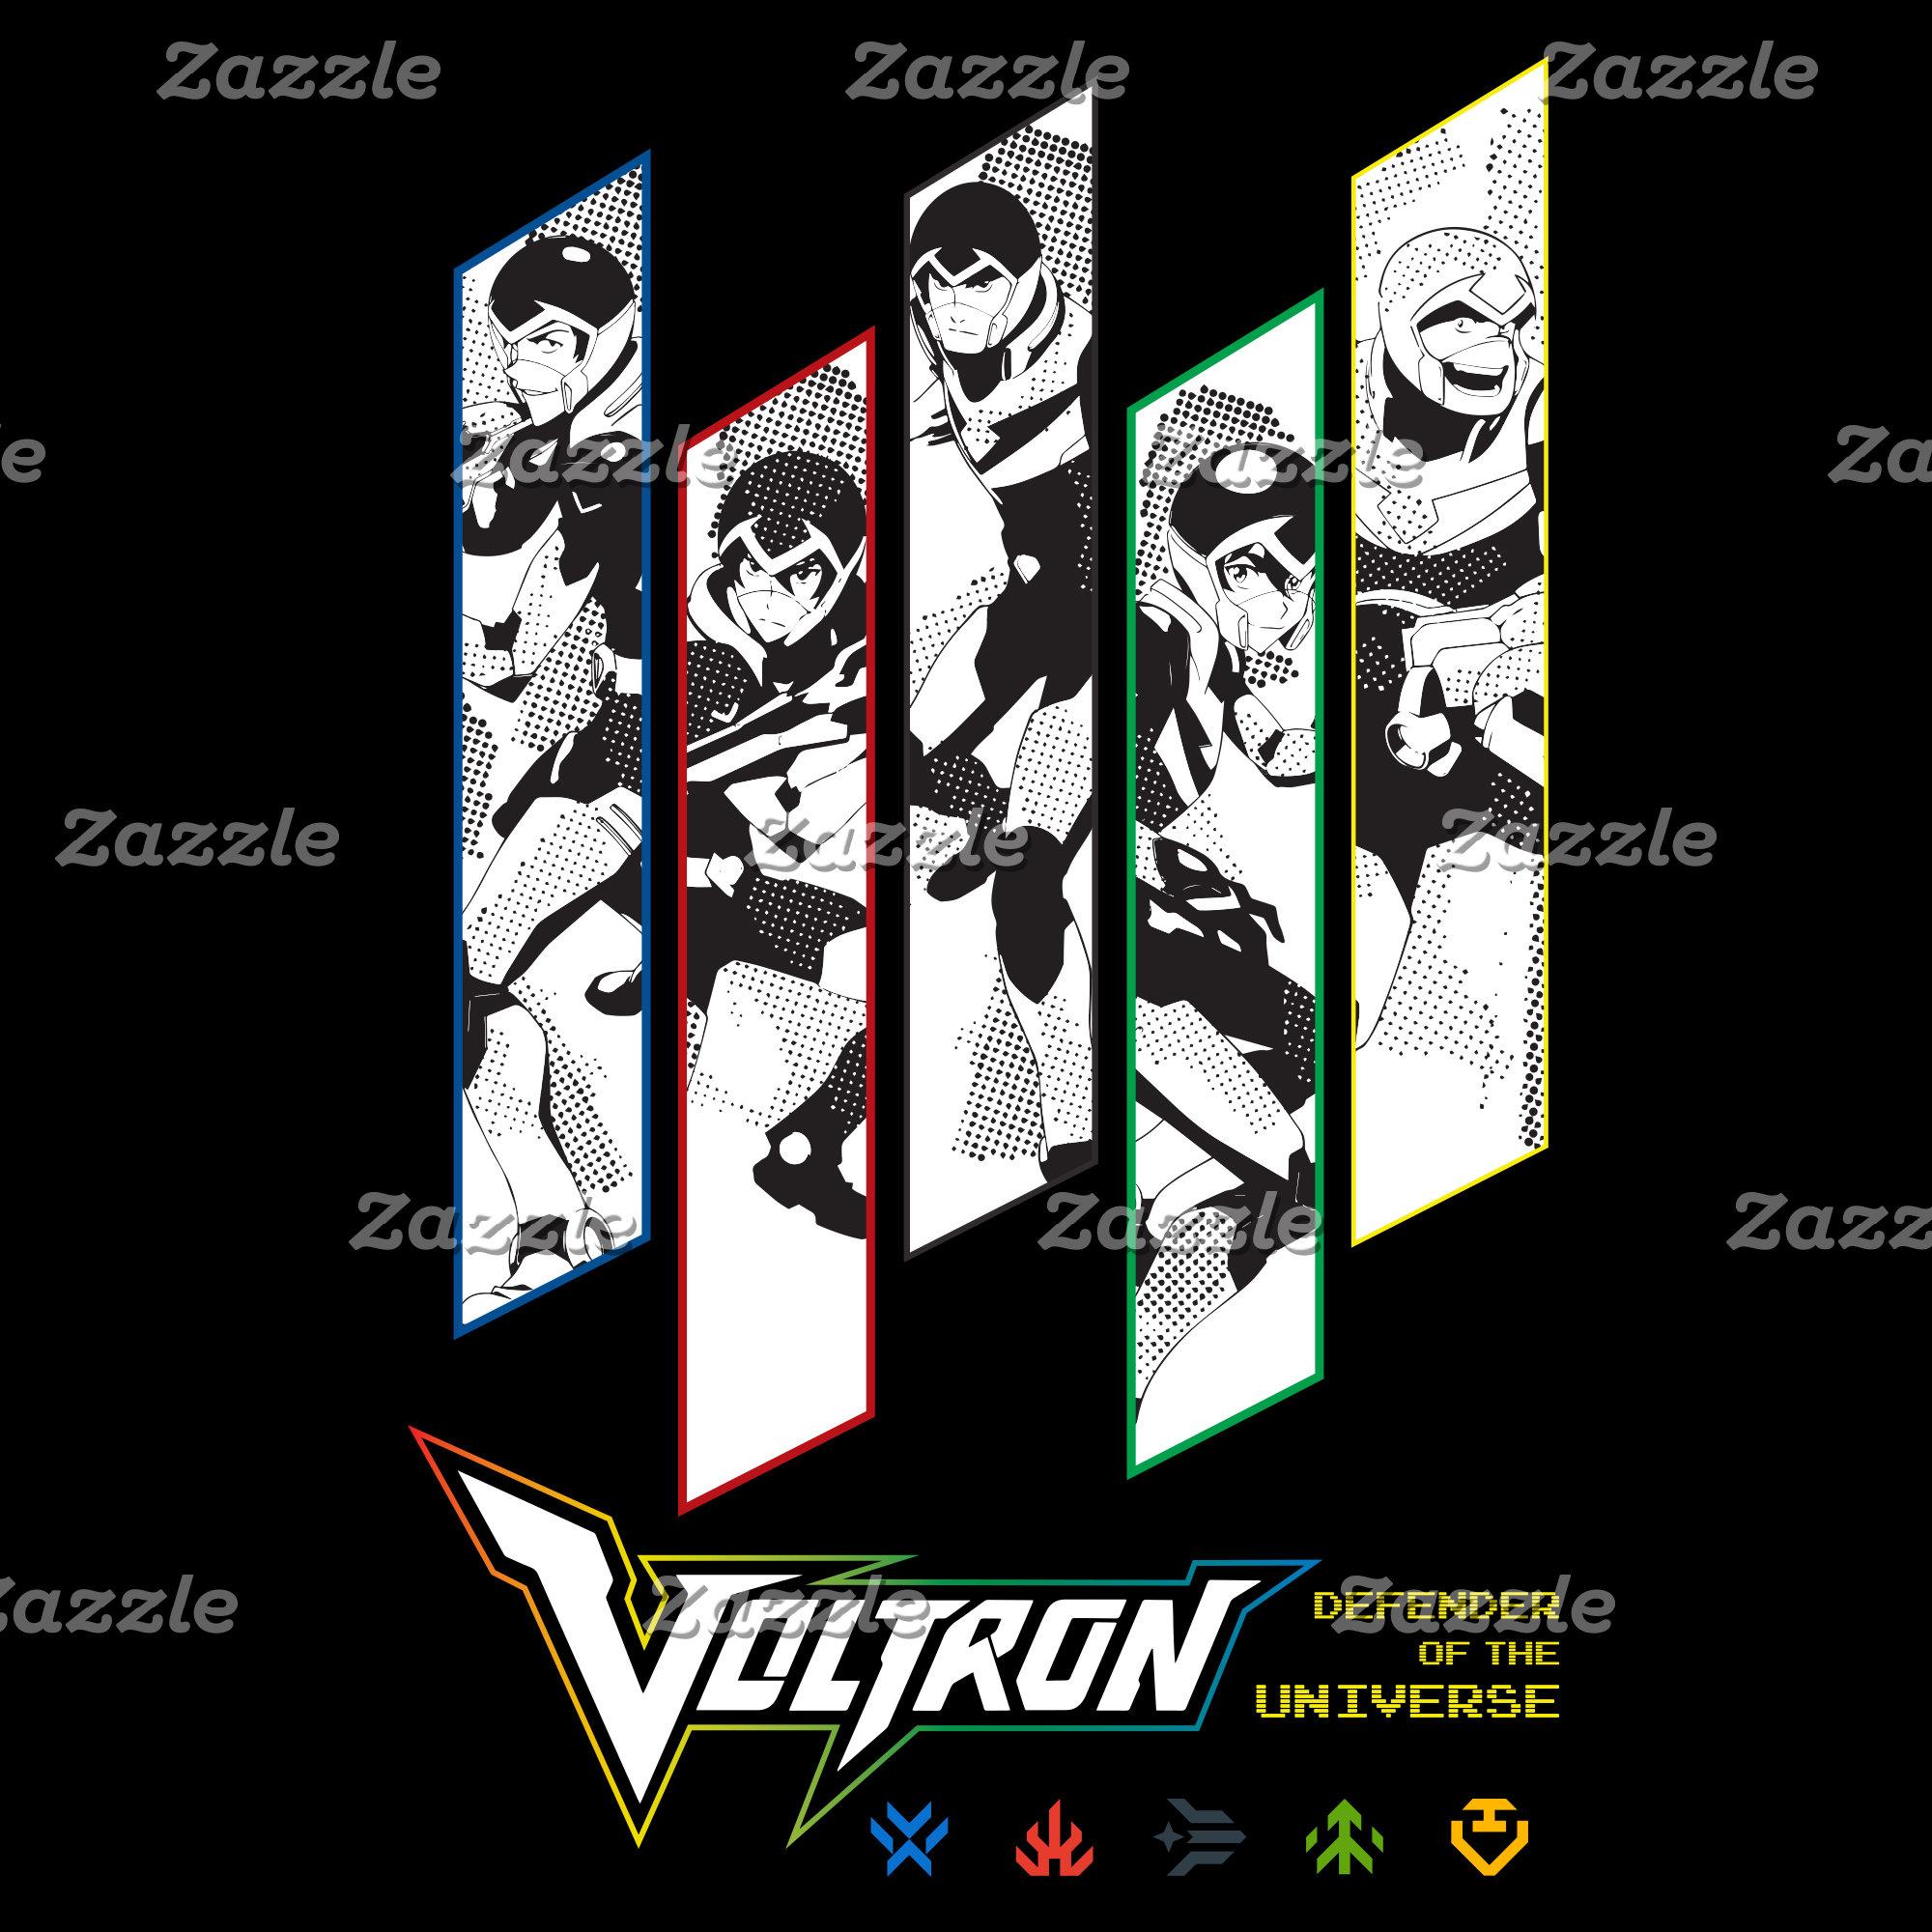 Voltron | Classic Pilots Halftone Panels